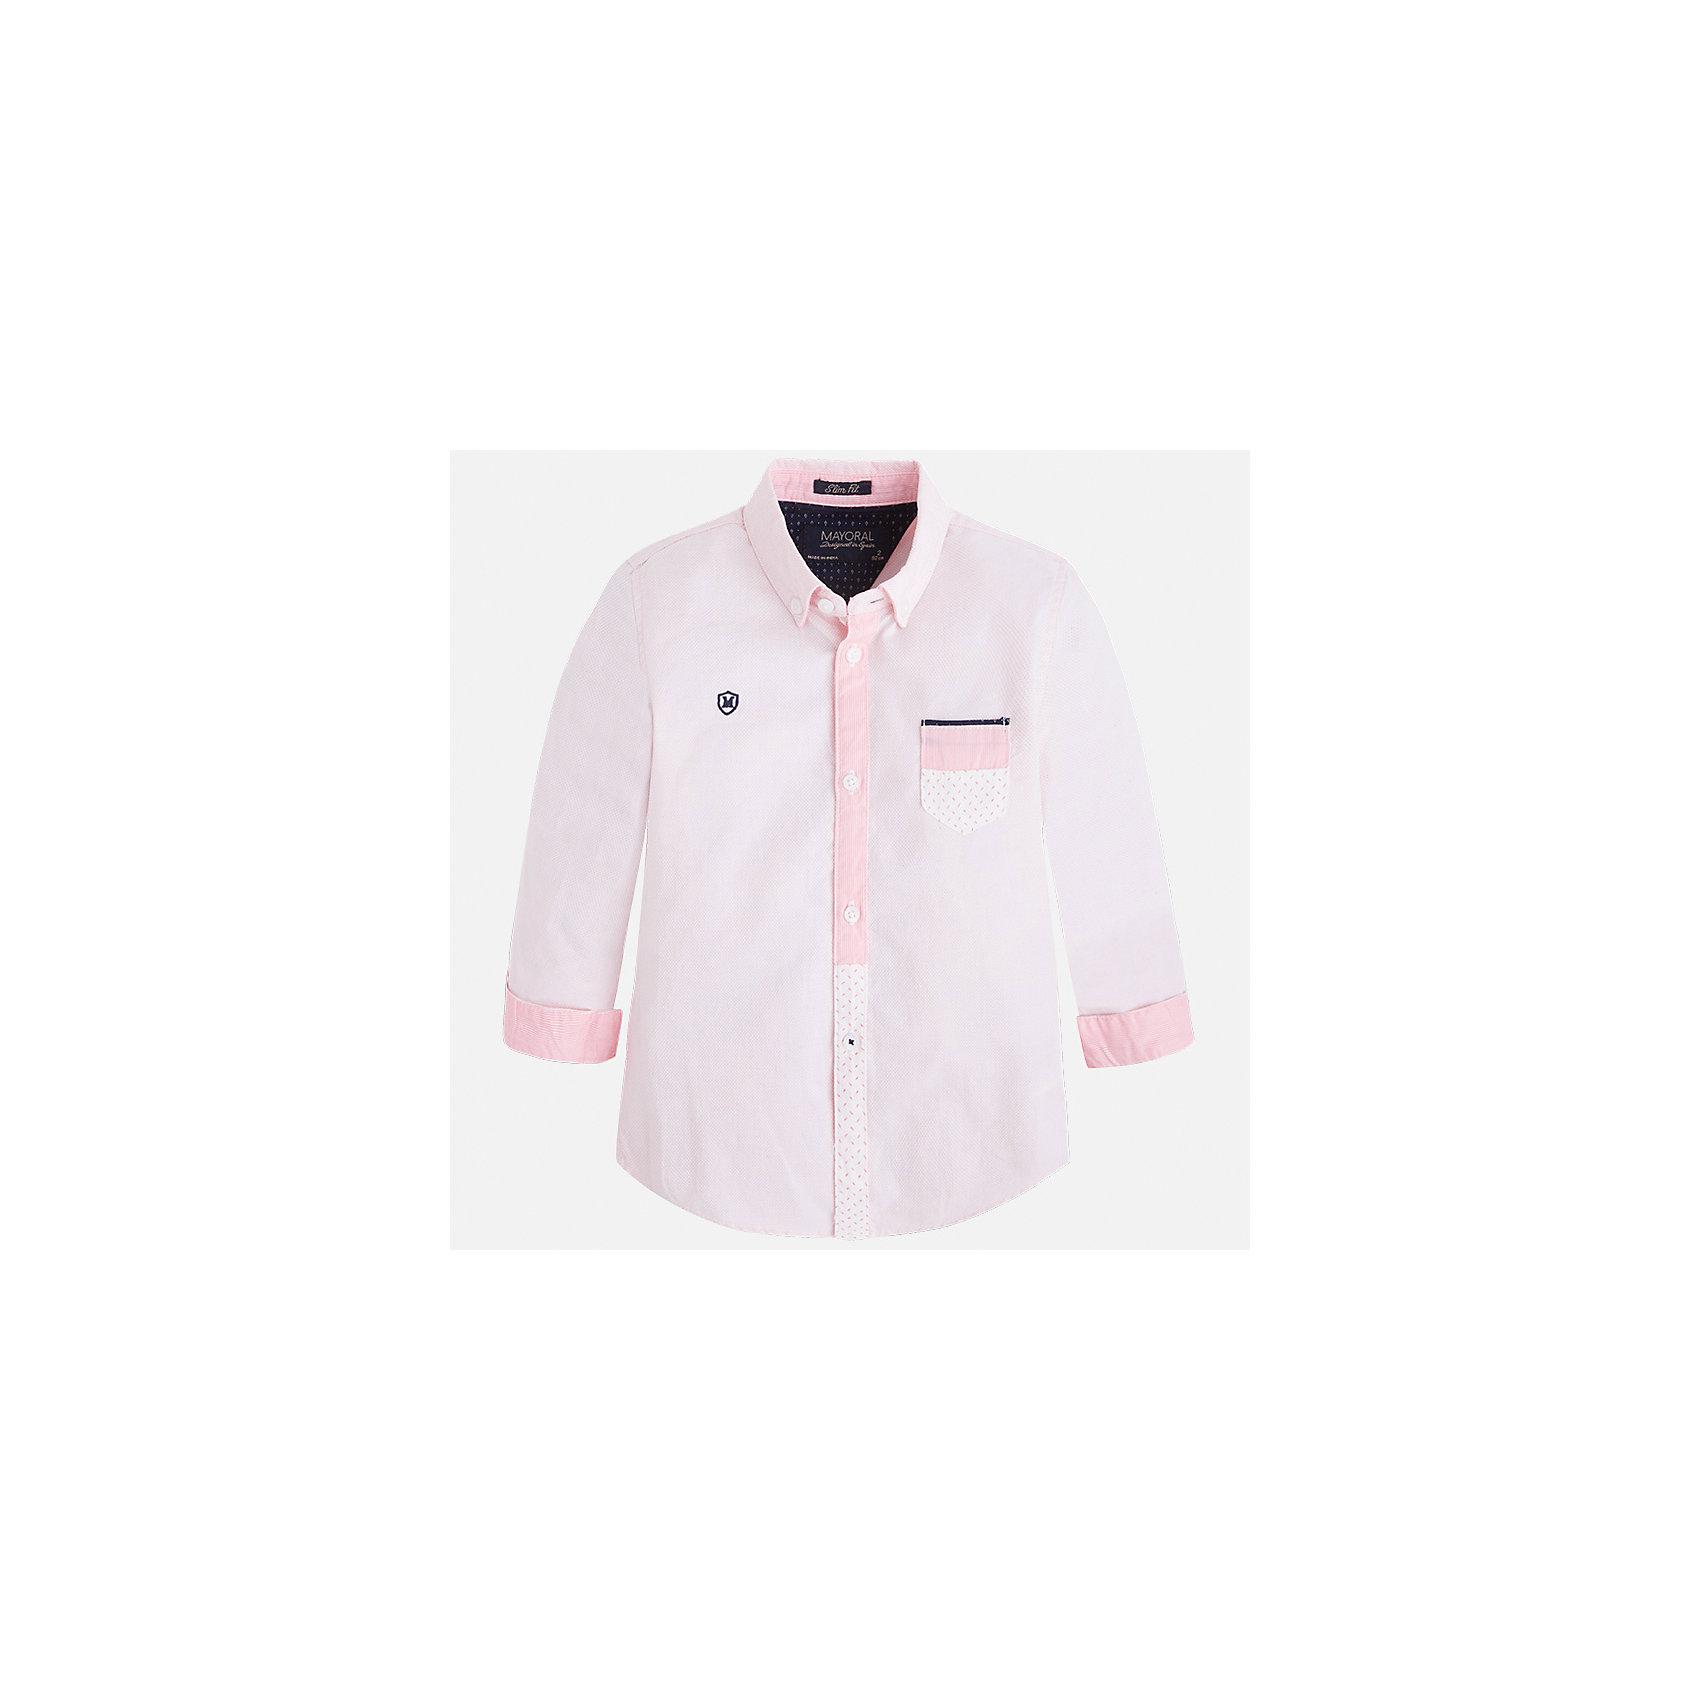 Рубашка для мальчика MayoralБлузки и рубашки<br>Характеристики товара:<br><br>• цвет: розовый<br>• состав: 100% хлопок<br>• отложной воротник<br>• длинные рукава<br>• застежка: пуговицы<br>• карман на груди<br>• страна бренда: Испания<br><br>Удобная модная рубашка-поло для мальчика может стать базовой вещью в гардеробе ребенка. Она отлично сочетается с брюками, шортами, джинсами и т.д. Универсальный крой и цвет позволяет подобрать к вещи низ разных расцветок. Практичное и стильное изделие! В составе материала - только натуральный хлопок, гипоаллергенный, приятный на ощупь, дышащий.<br><br>Одежда, обувь и аксессуары от испанского бренда Mayoral полюбились детям и взрослым по всему миру. Модели этой марки - стильные и удобные. Для их производства используются только безопасные, качественные материалы и фурнитура. Порадуйте ребенка модными и красивыми вещами от Mayoral! <br><br>Рубашку-поло для мальчика от испанского бренда Mayoral (Майорал) можно купить в нашем интернет-магазине.<br><br>Ширина мм: 174<br>Глубина мм: 10<br>Высота мм: 169<br>Вес г: 157<br>Цвет: розовый<br>Возраст от месяцев: 18<br>Возраст до месяцев: 24<br>Пол: Мужской<br>Возраст: Детский<br>Размер: 92,98,104,110,116,122,134,128<br>SKU: 5272351